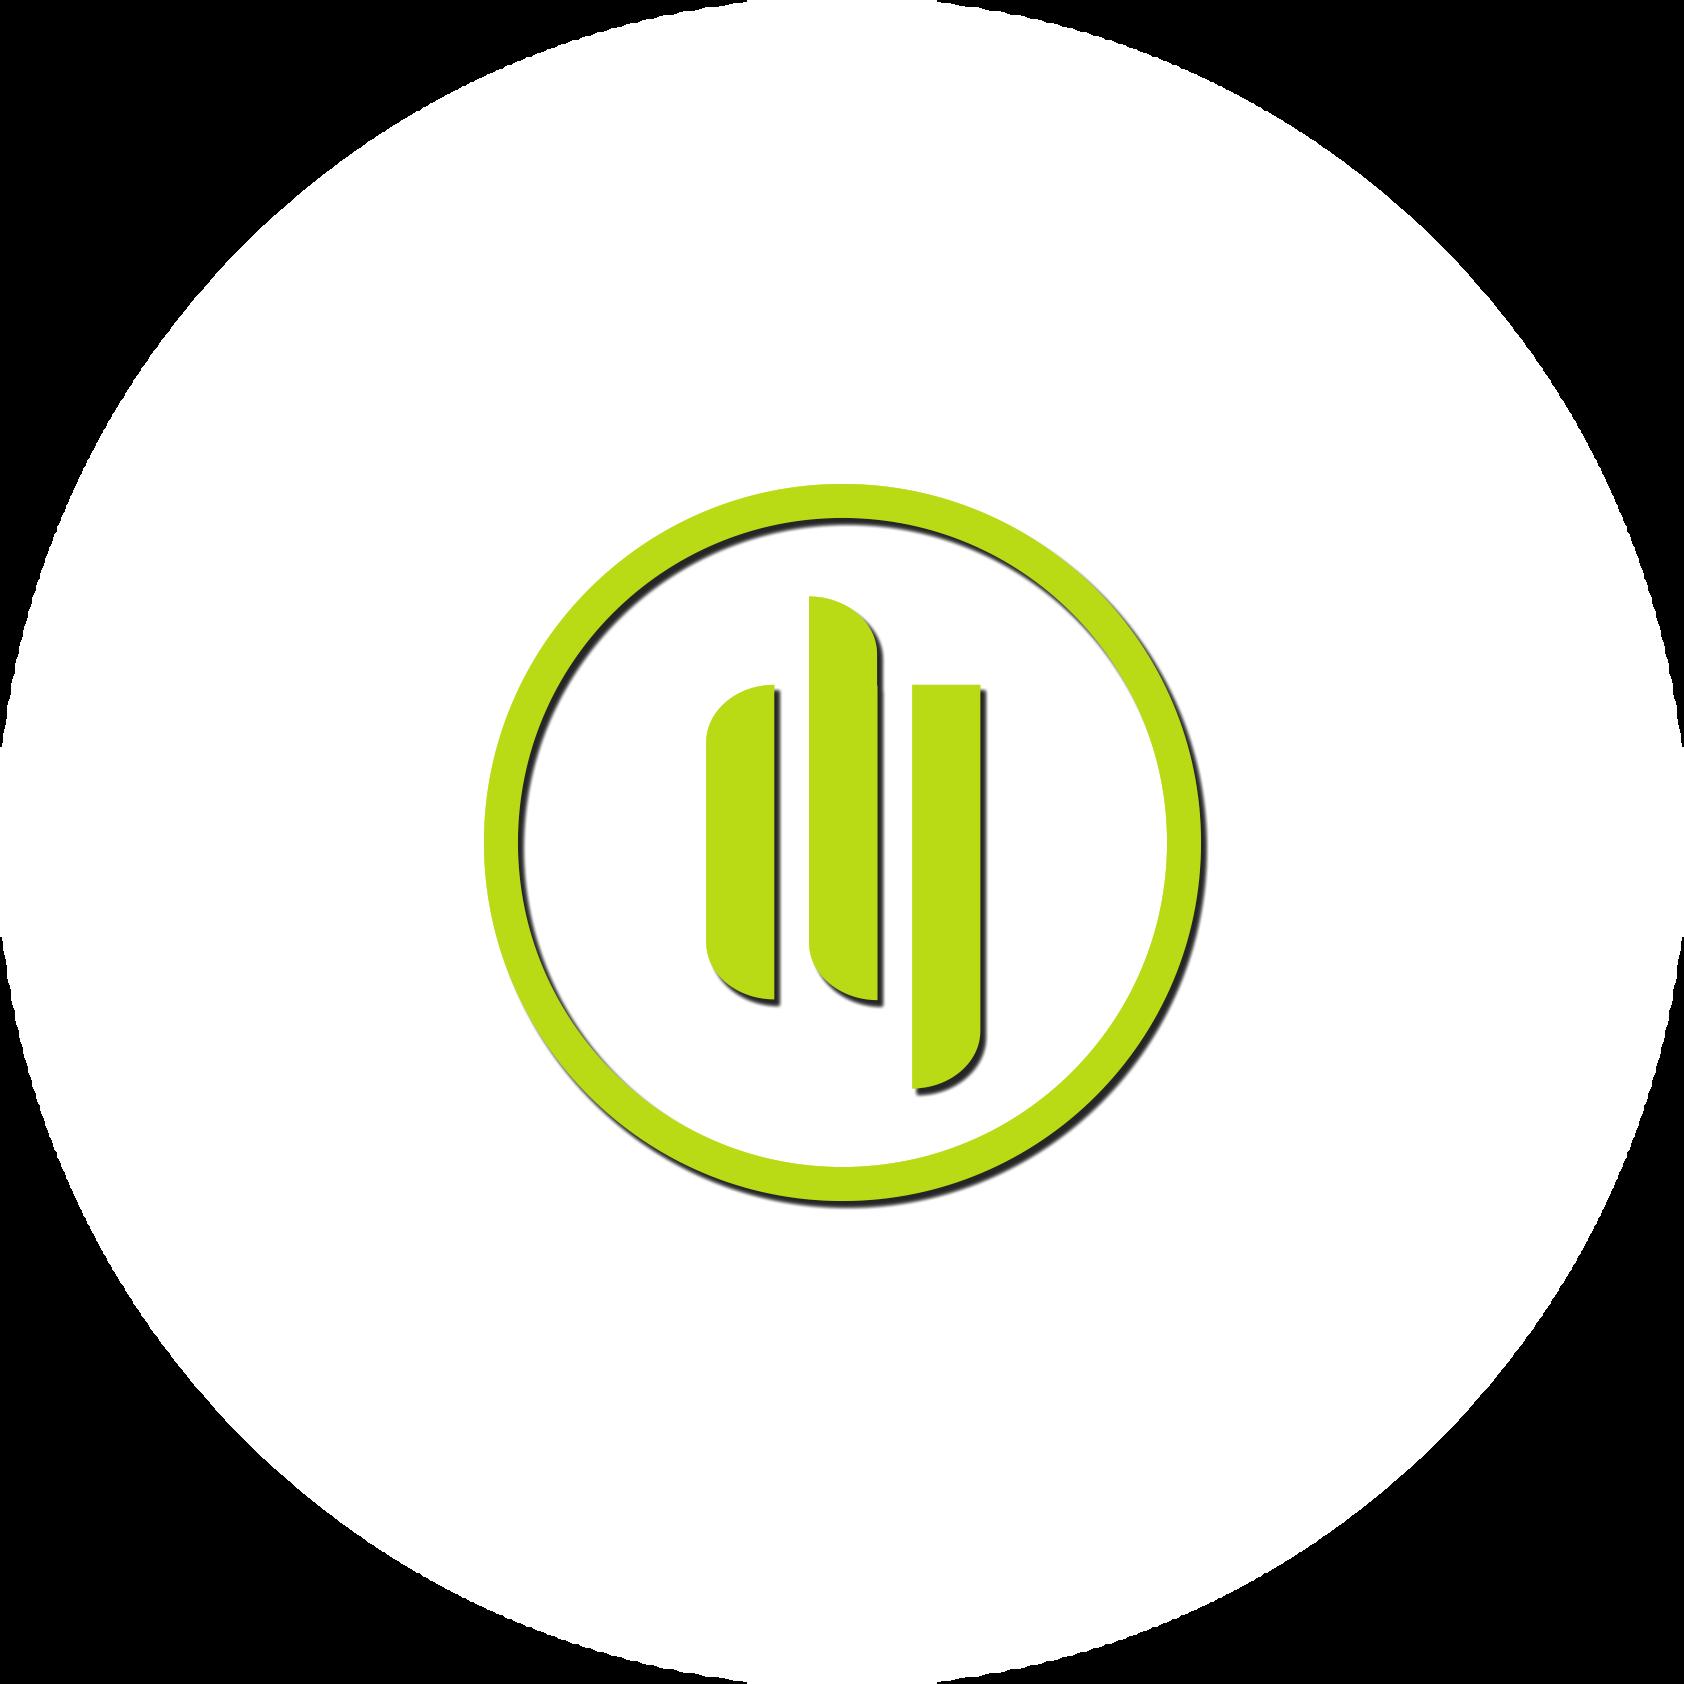 DG-Logo2020.png